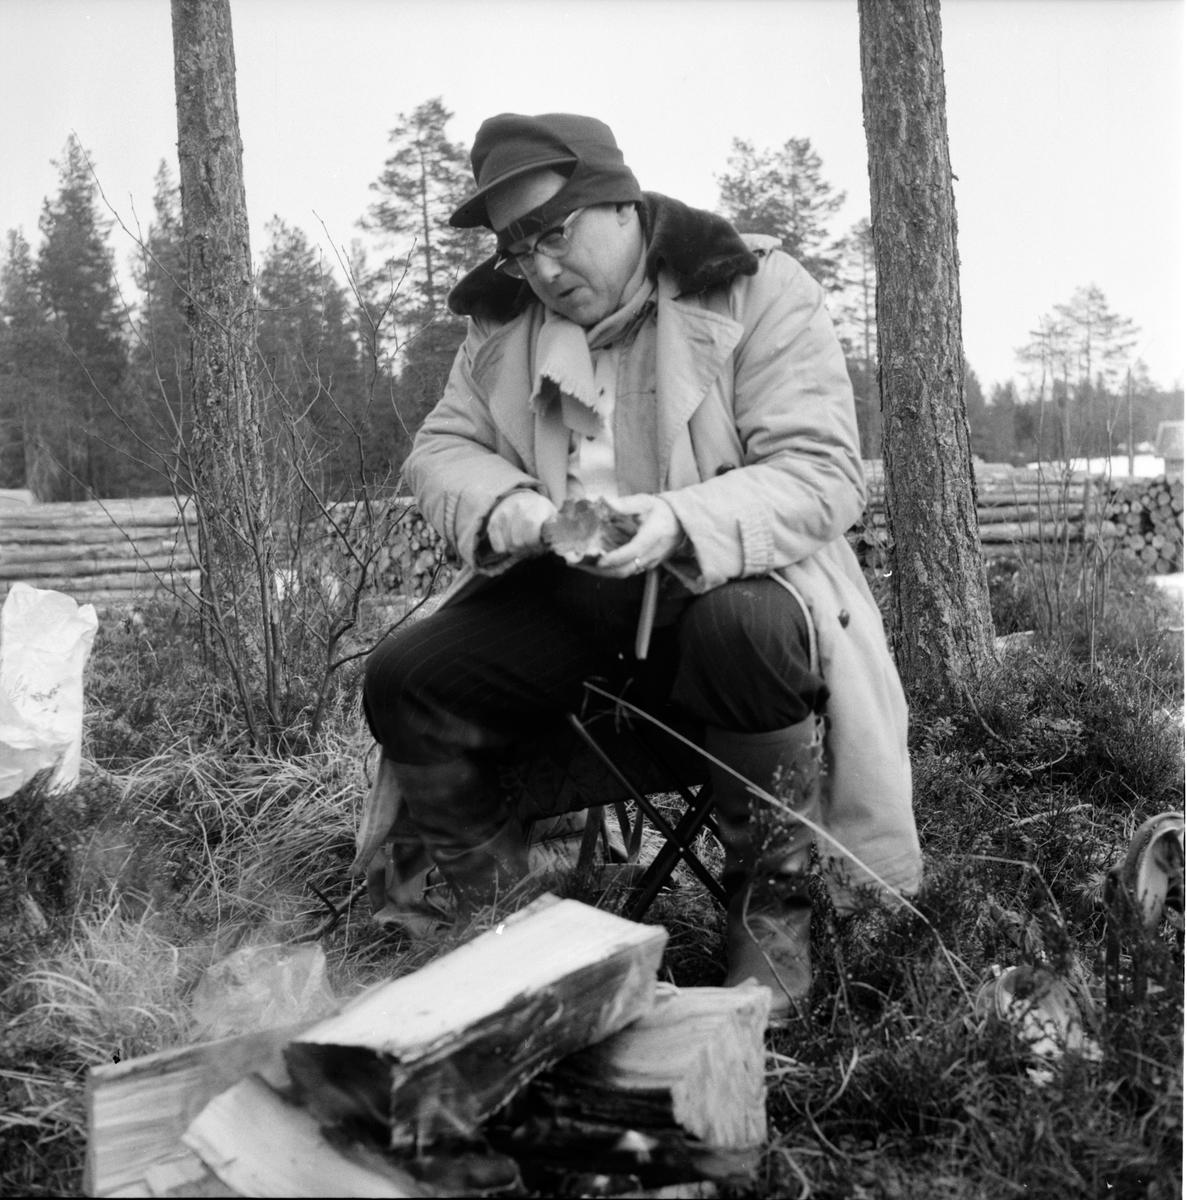 Hälsen, Fiske på is, S. Weit, Johan Svärd, P.W. Häger, 28 Mars 1961